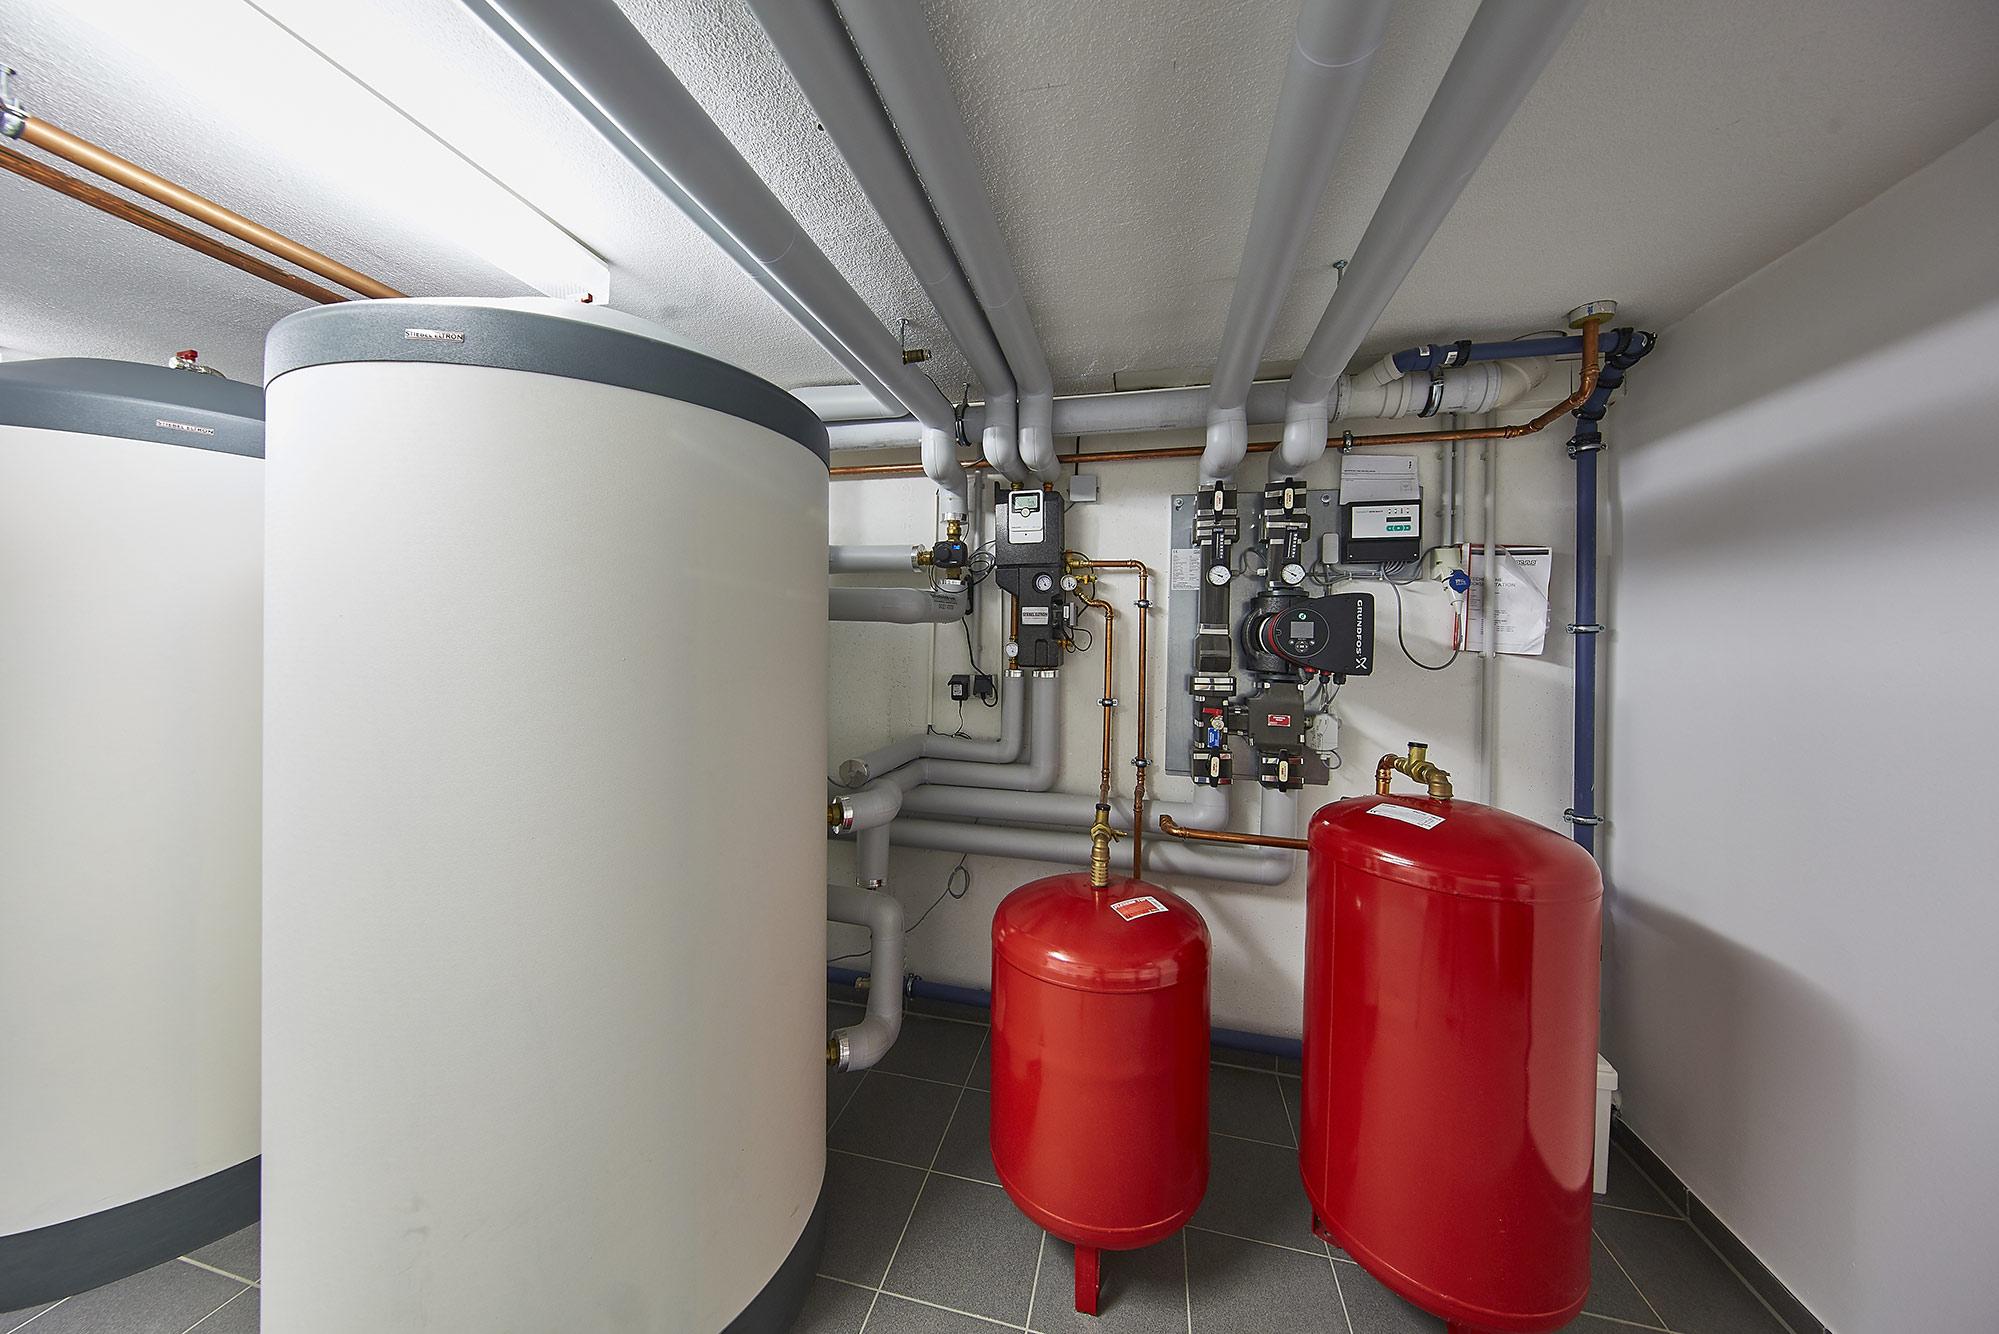 Eine Trinkwasseranlage in einem Mehrfamilienhaus.